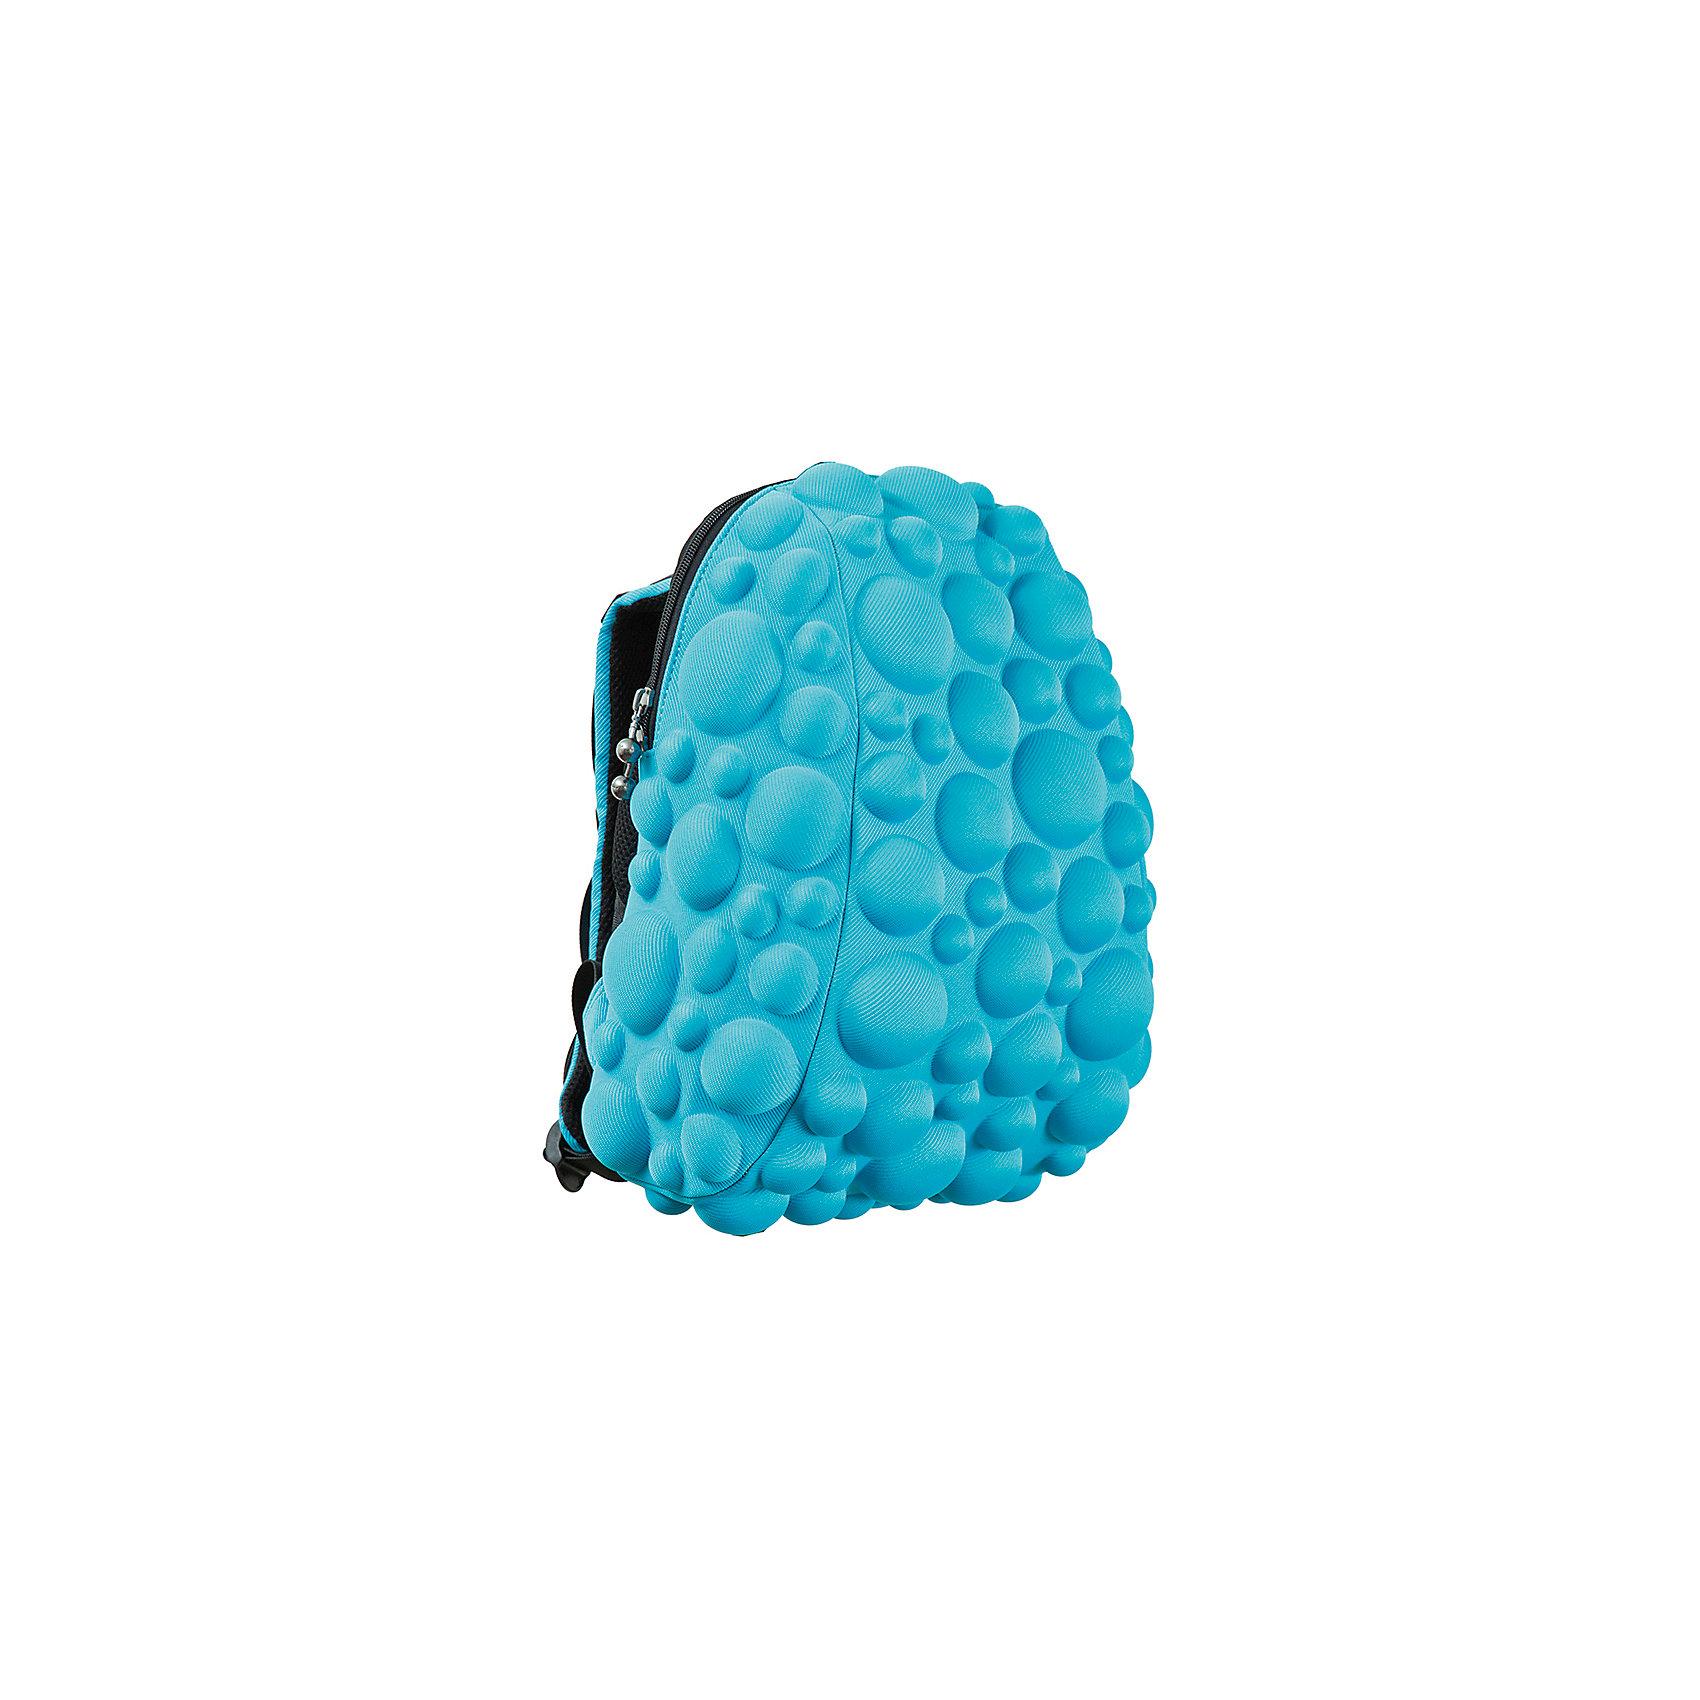 Рюкзак Bubble HalfРюкзаки<br>Легкий и вместительный рюкзак с одним основным отделением с застежкой на молниии. В основное отделение с легкостью входит ноутбук  размером диагонали 13 дюймов, iPad и формат А4. Незаменимый аксессуар как для активного городского жителя, так и для школьников и студентов. Широкие лямки можно регулировать для наиболее удобной посадки, а мягкая ортопедическая спинка делает ношение наиболее удобным и комфортным. Размер 35х30х15 см, цвет голубой, 100% полиспандекс, MadPax, США<br><br>Ширина мм: 35<br>Глубина мм: 30<br>Высота мм: 15<br>Вес г: 600<br>Возраст от месяцев: 84<br>Возраст до месяцев: 420<br>Пол: Унисекс<br>Возраст: Детский<br>SKU: 5344324